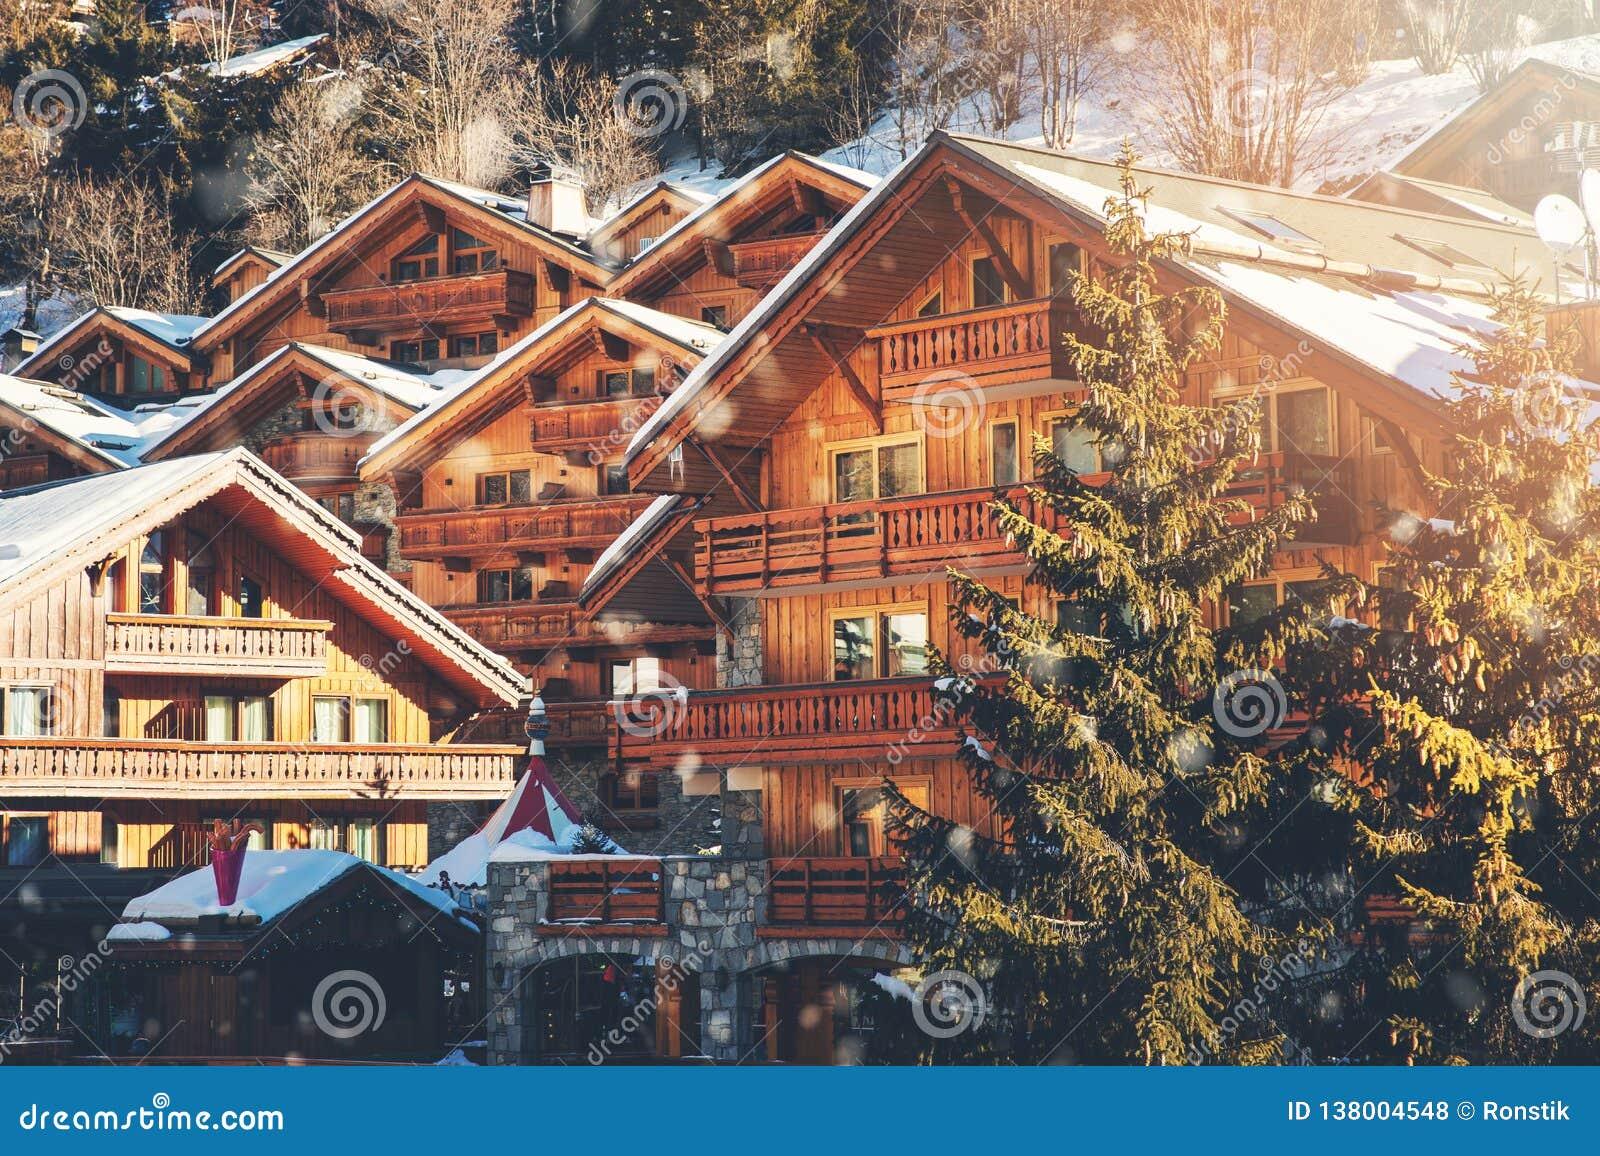 Chalets at Meribel ski resort in Alps, France